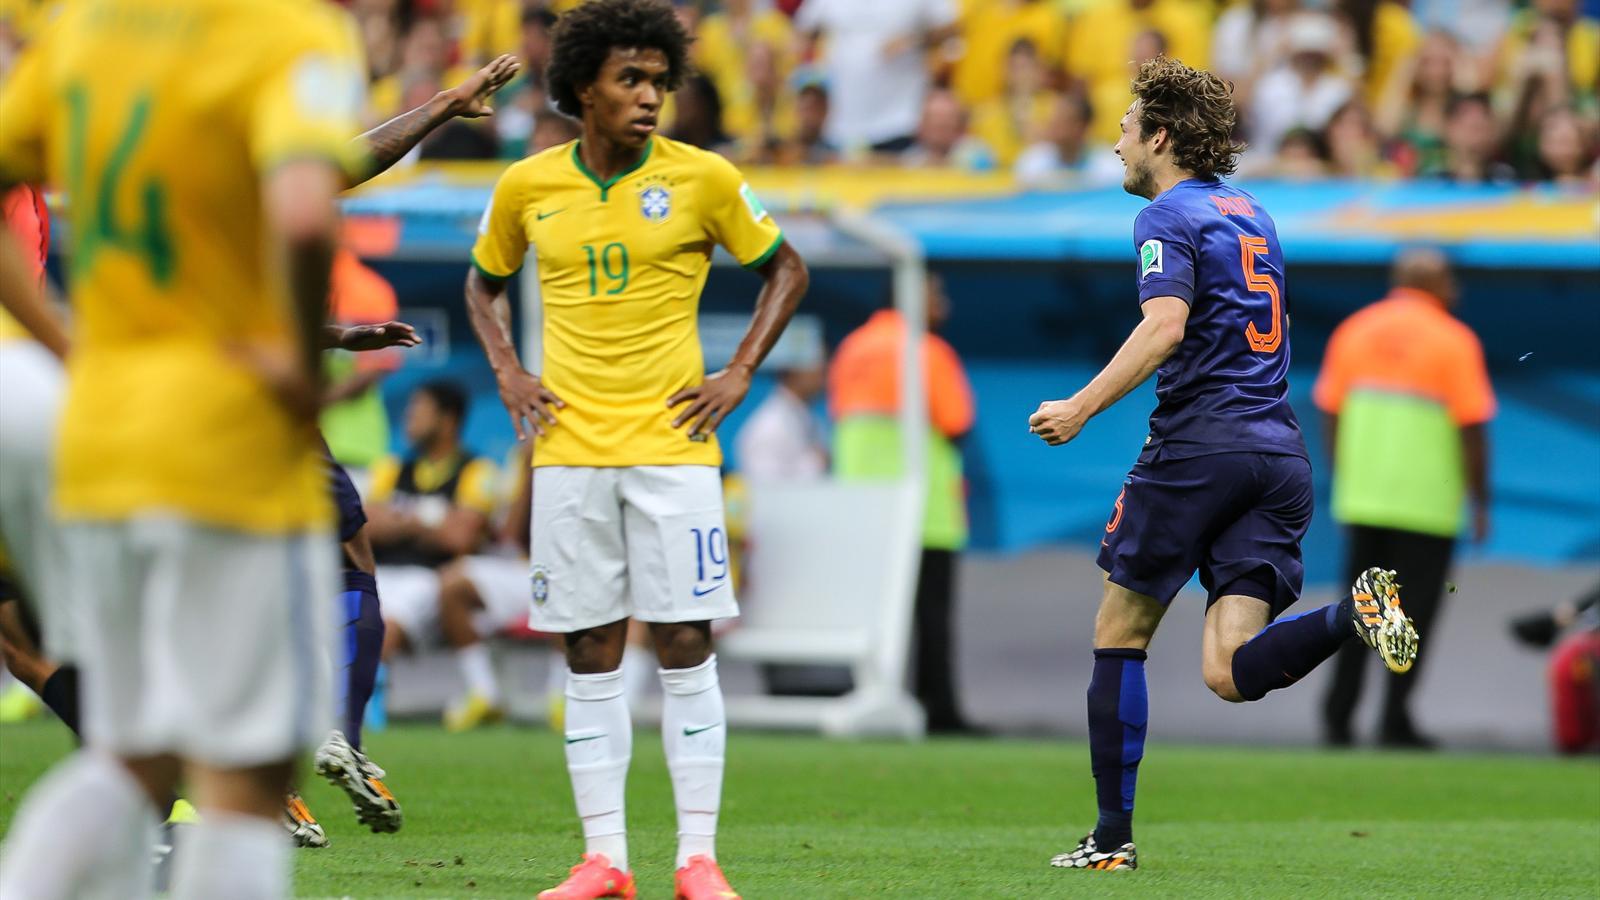 Les Pays-Bas battent le Brésil (3-0) et terminent à la 3e place